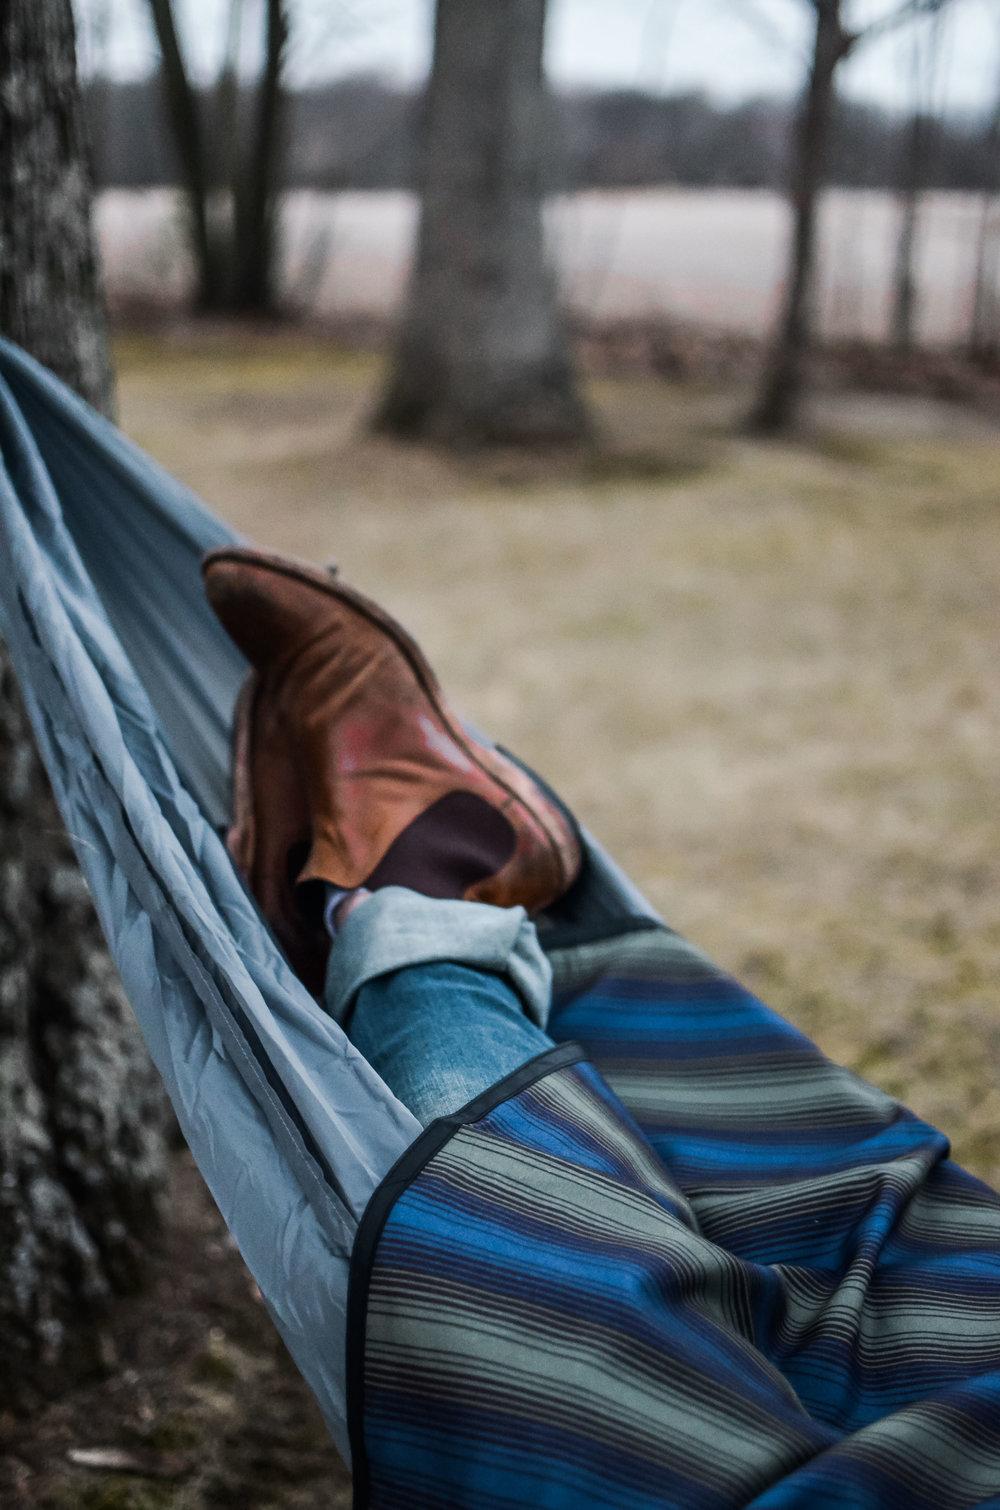 Spring_Is_Here_Bespoke_Post_Coaltree_Hammock_Camping-7.jpg